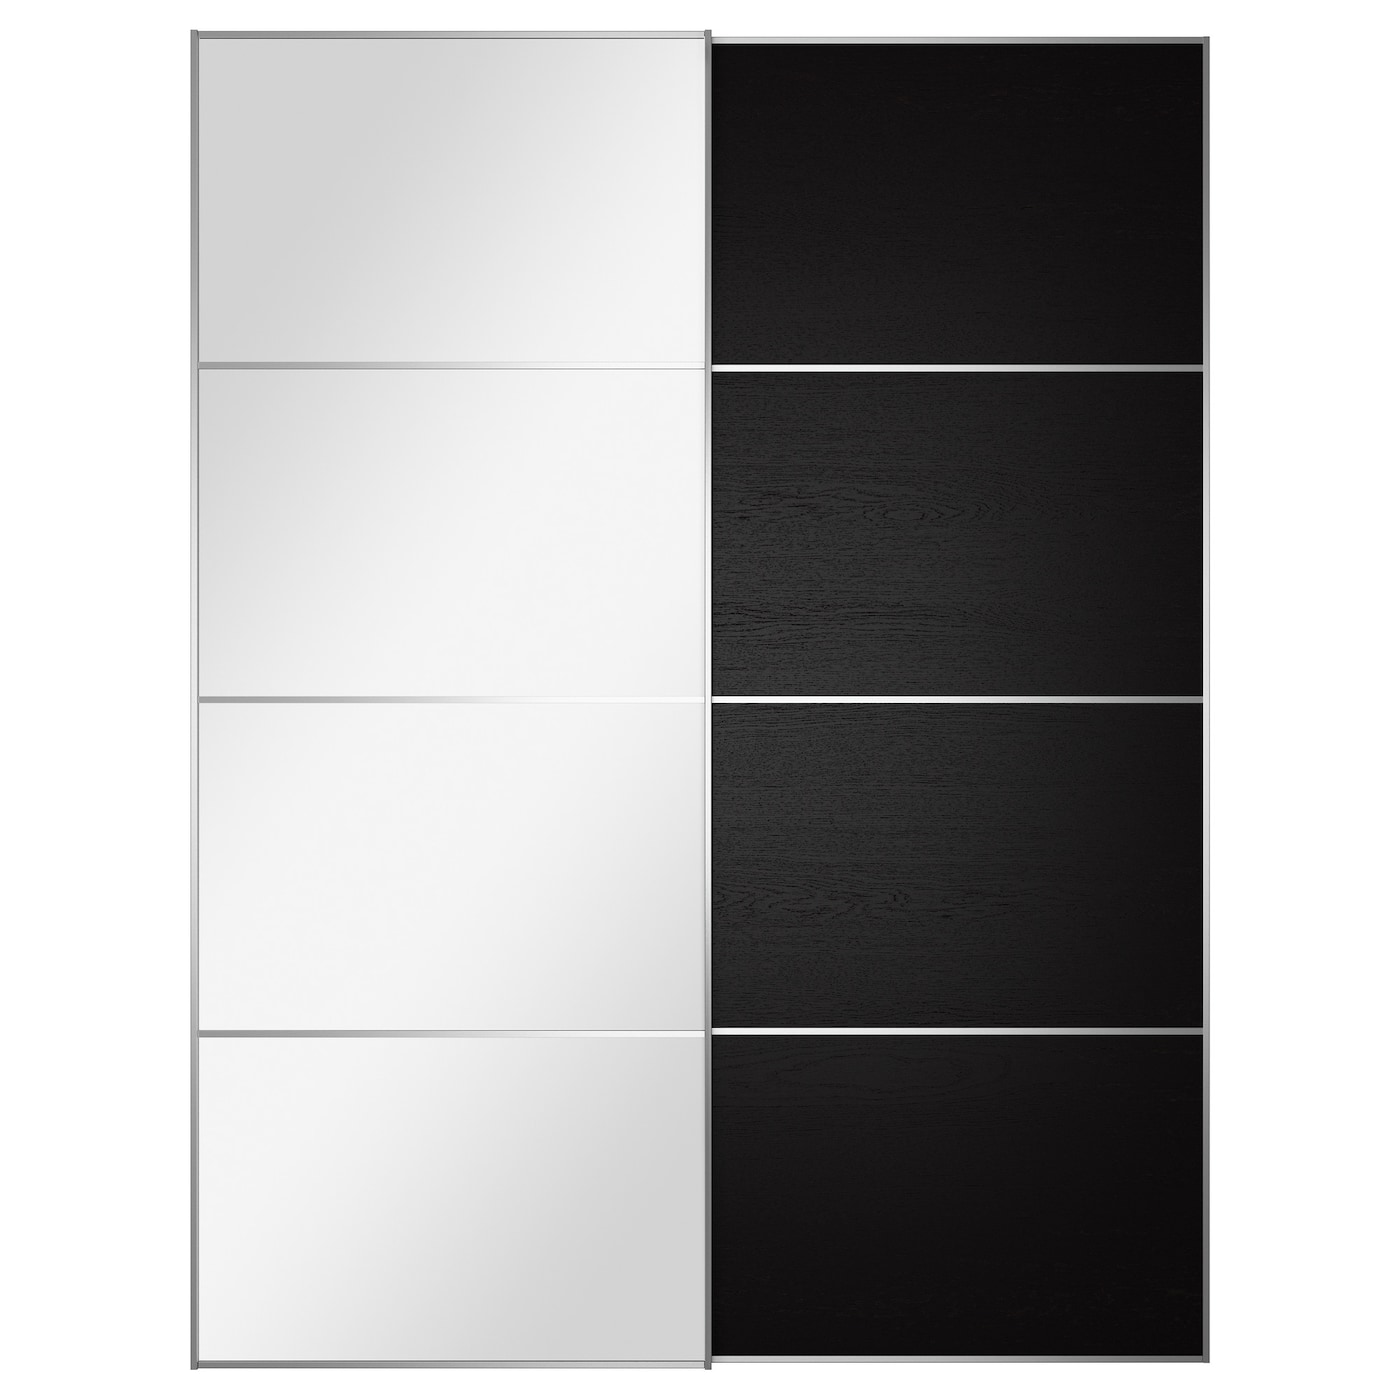 Pax Portes Coulissantes Ikea # Meuble Tele Ikea Porte Coulissante